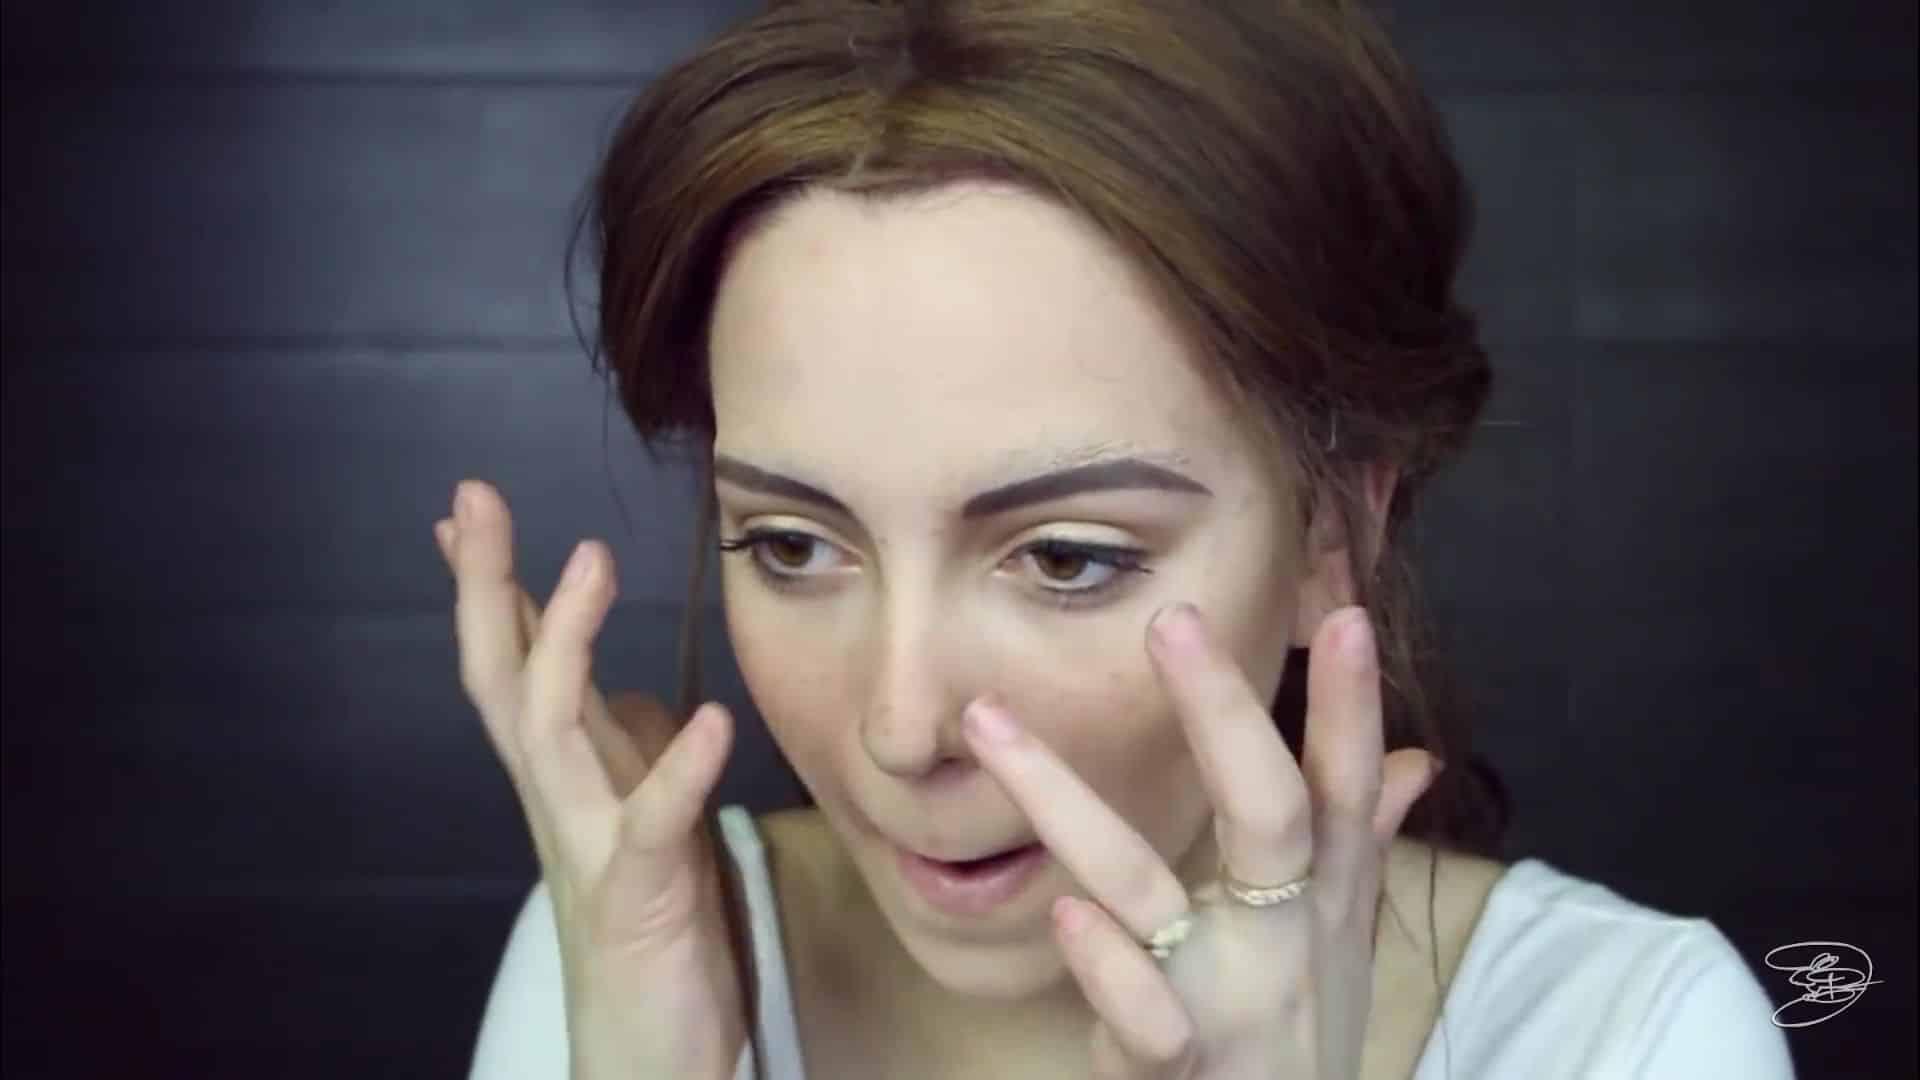 Maquíllate como la princesa la Bella de Emma Watson Jbunzie 2020, dibujo de la nariz con sombra marrón.